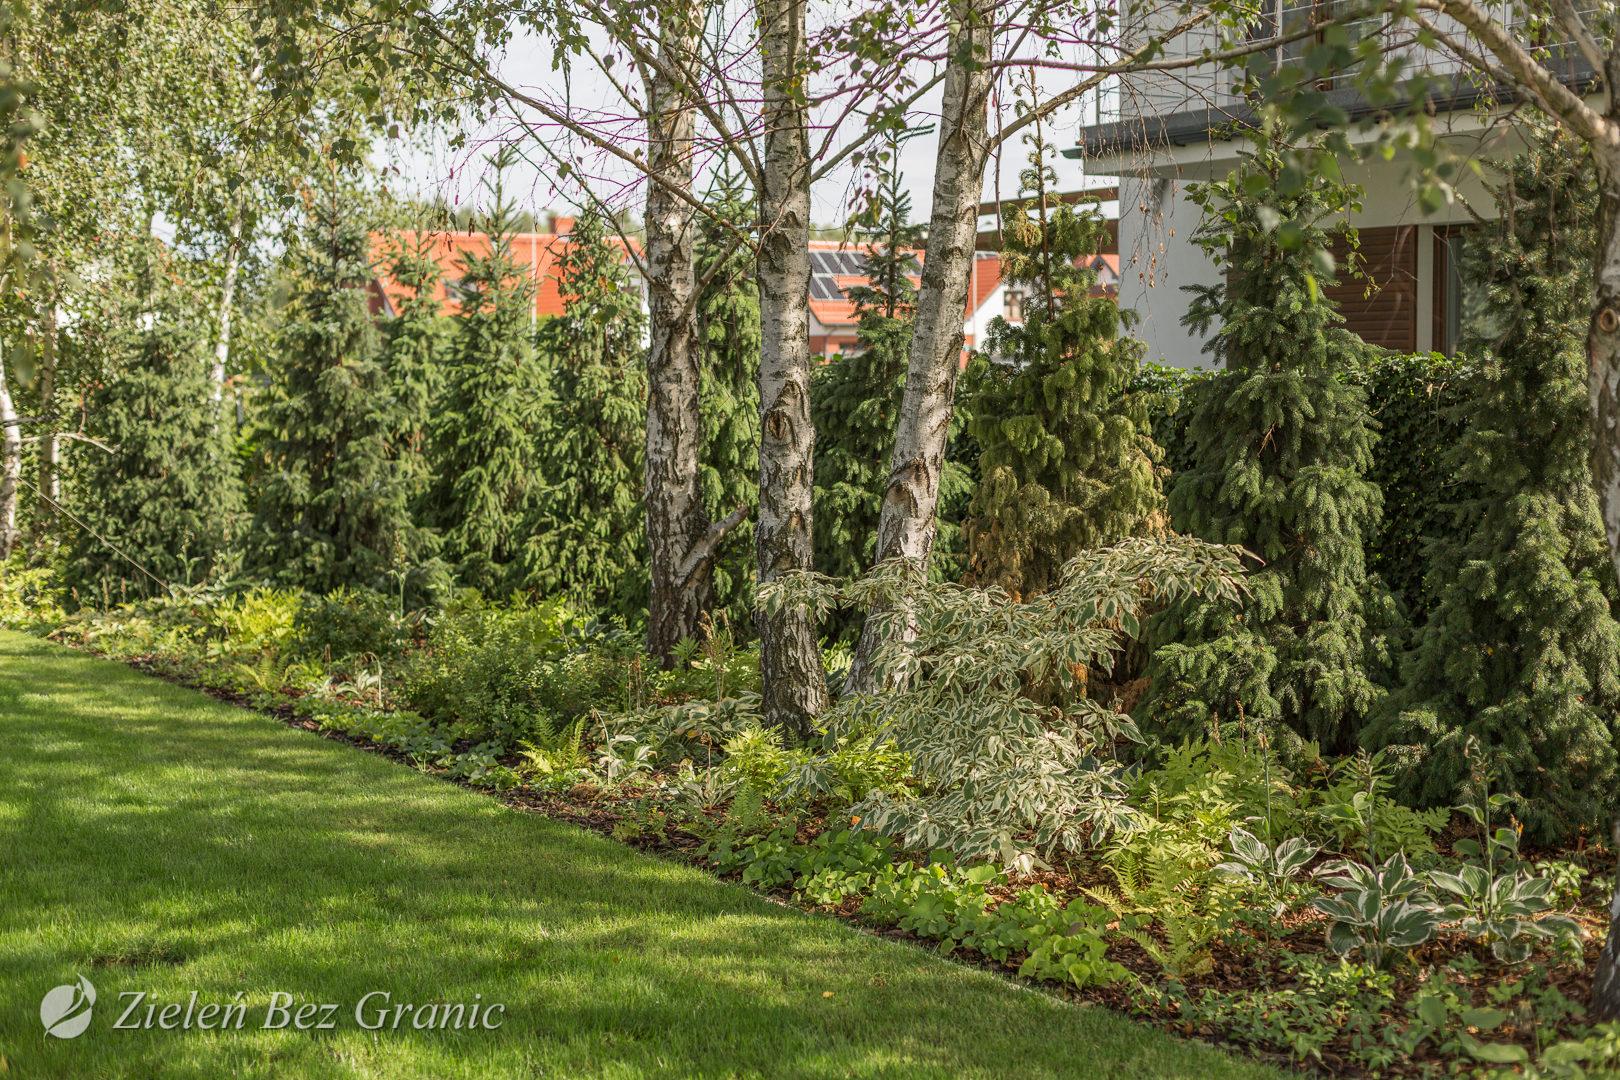 Przydomowy ogród leśny